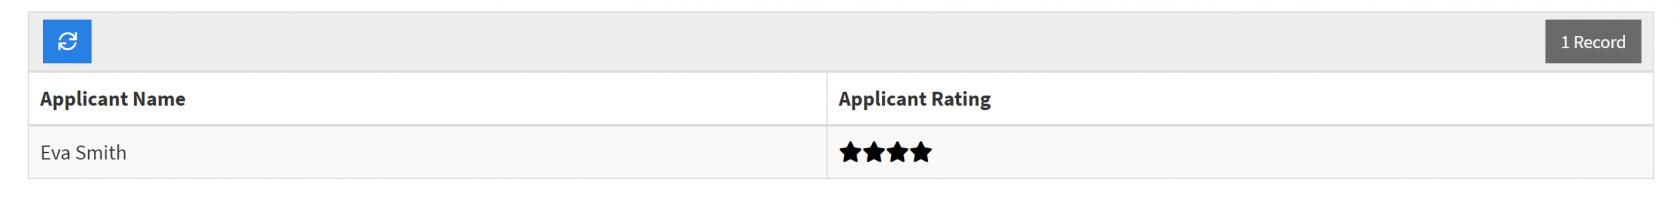 rating-default-balck.png